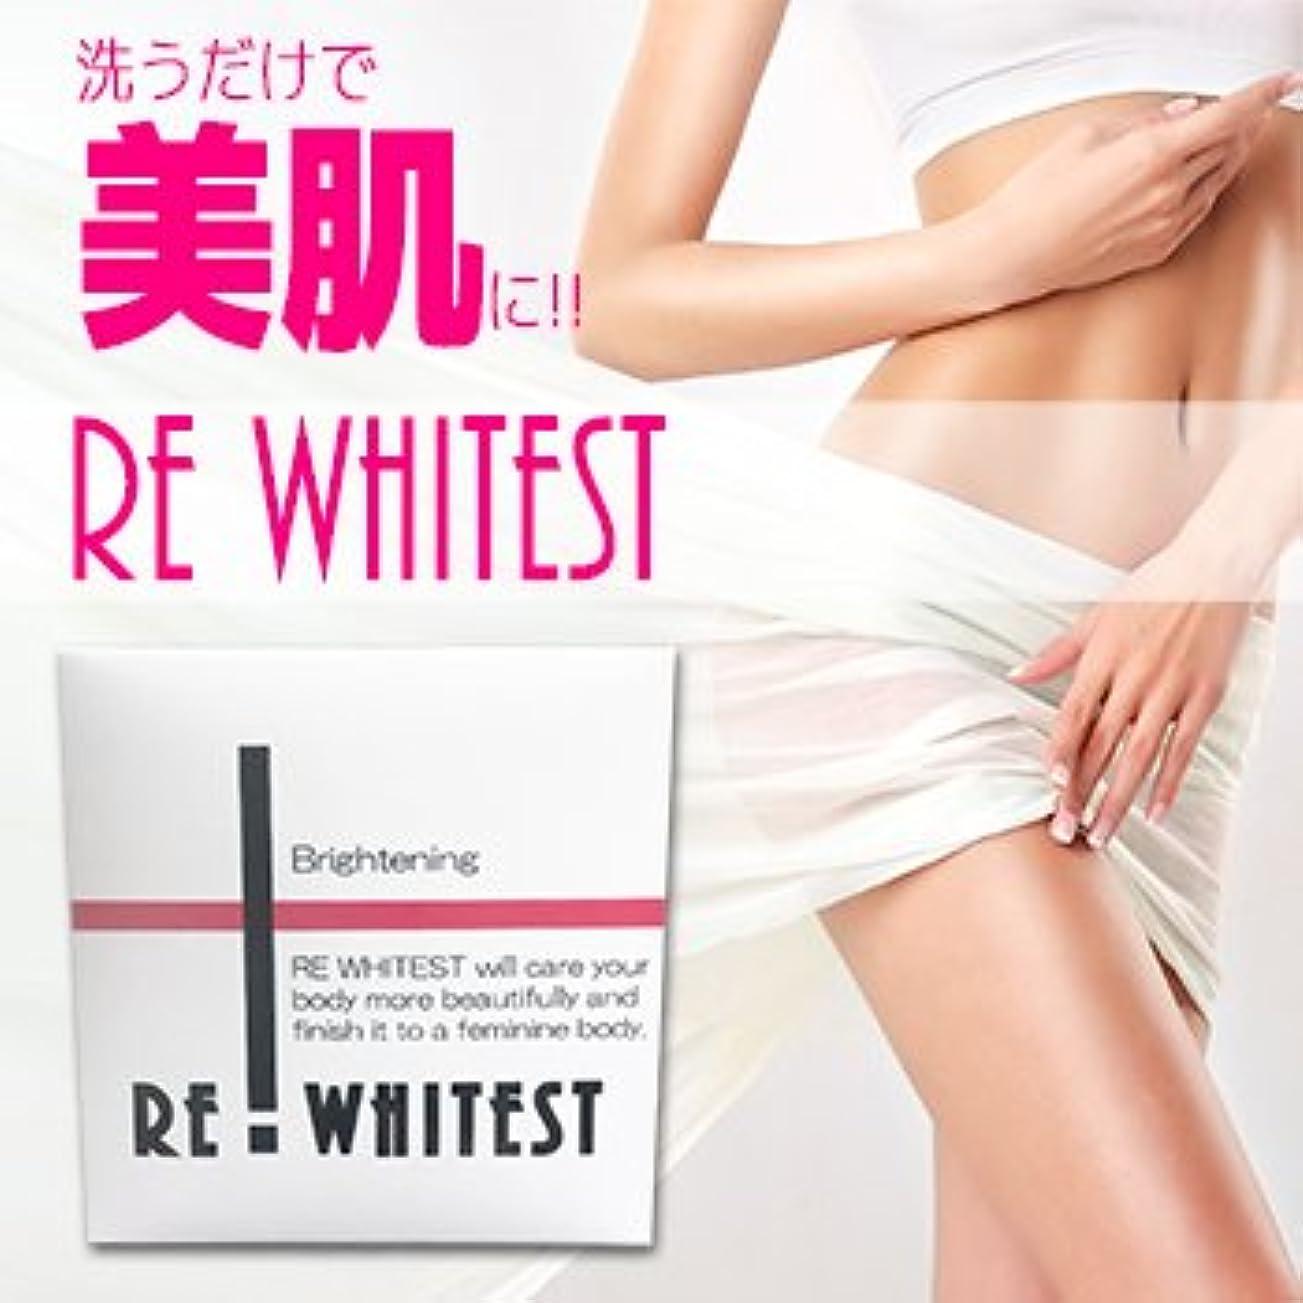 医師トーンつかの間パパイン+イソフラボン配合女性用美肌石鹸 REWHITEST-リホワイテスト-